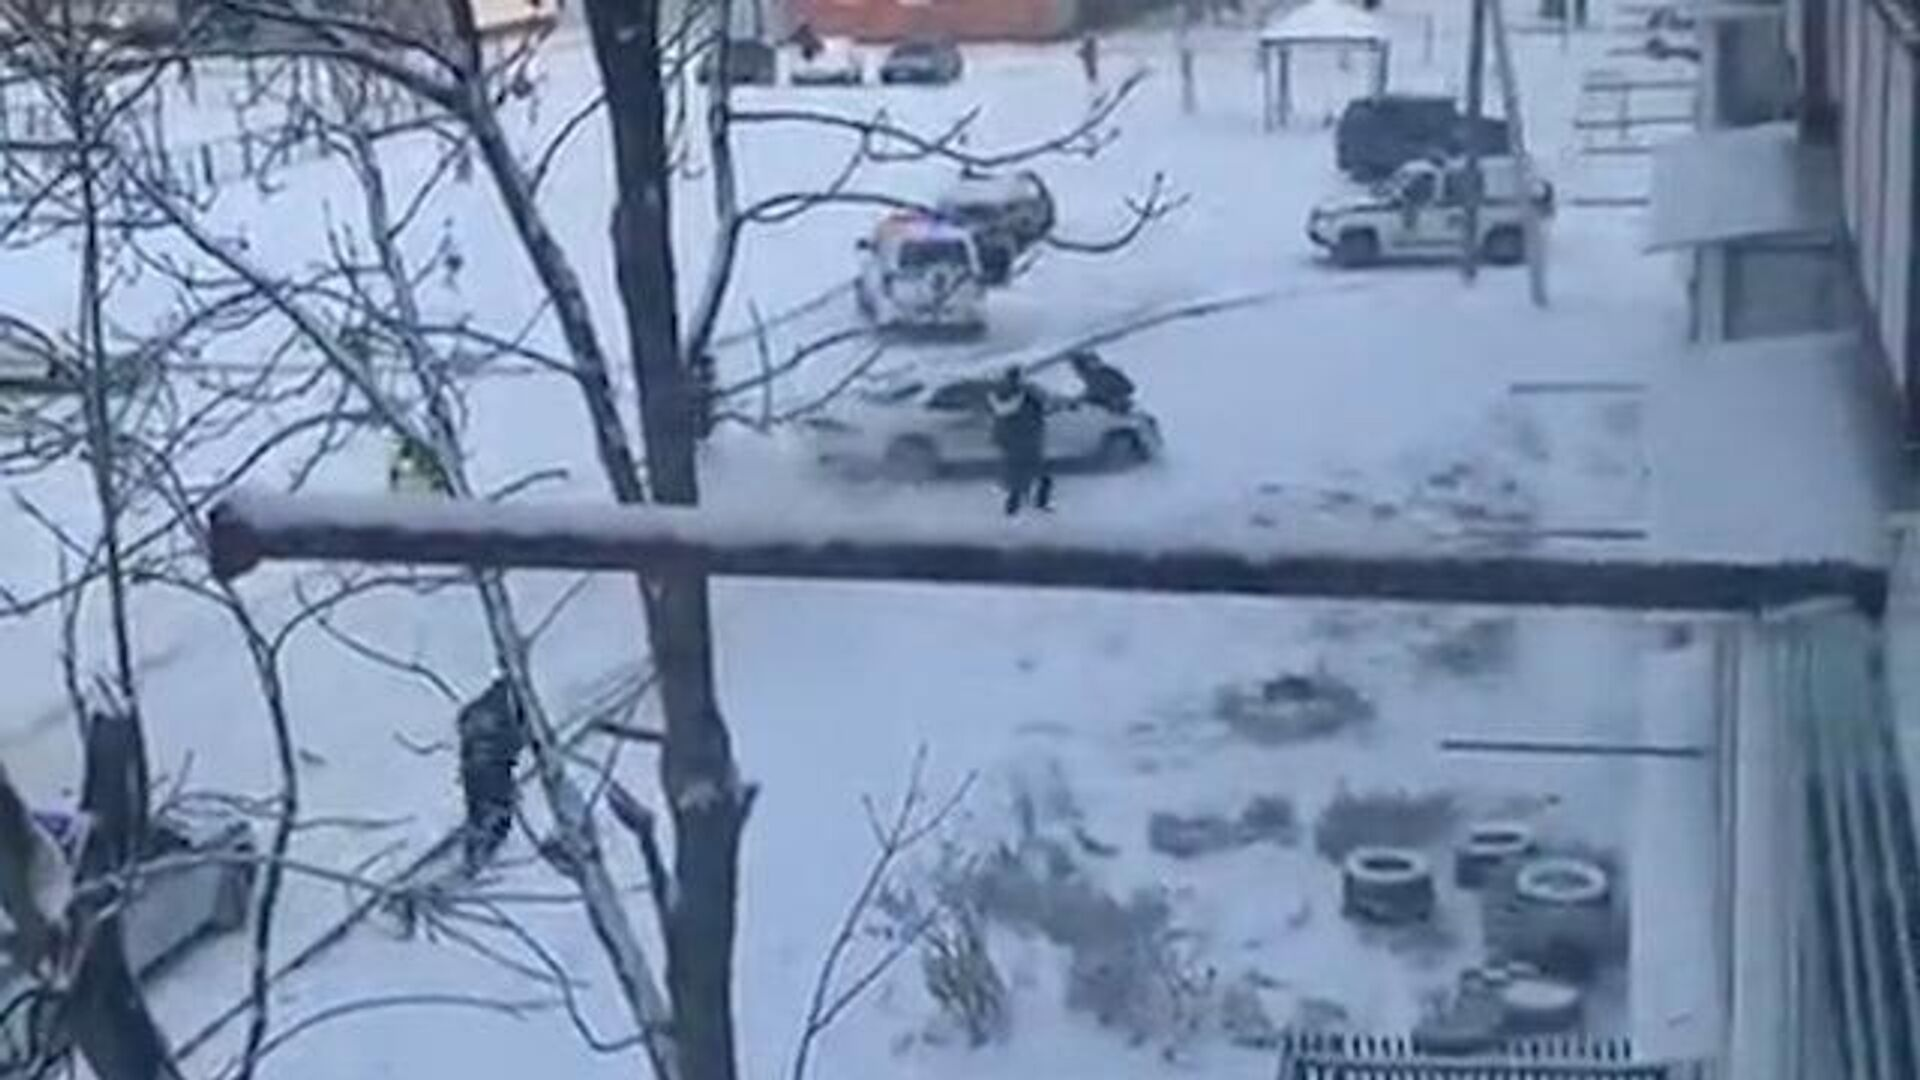 Пьяный водитель протаранил машины и чуть не задавил сотрудника ДПС, уходя от погони в Биробиджане - РИА Новости, 1920, 14.01.2021